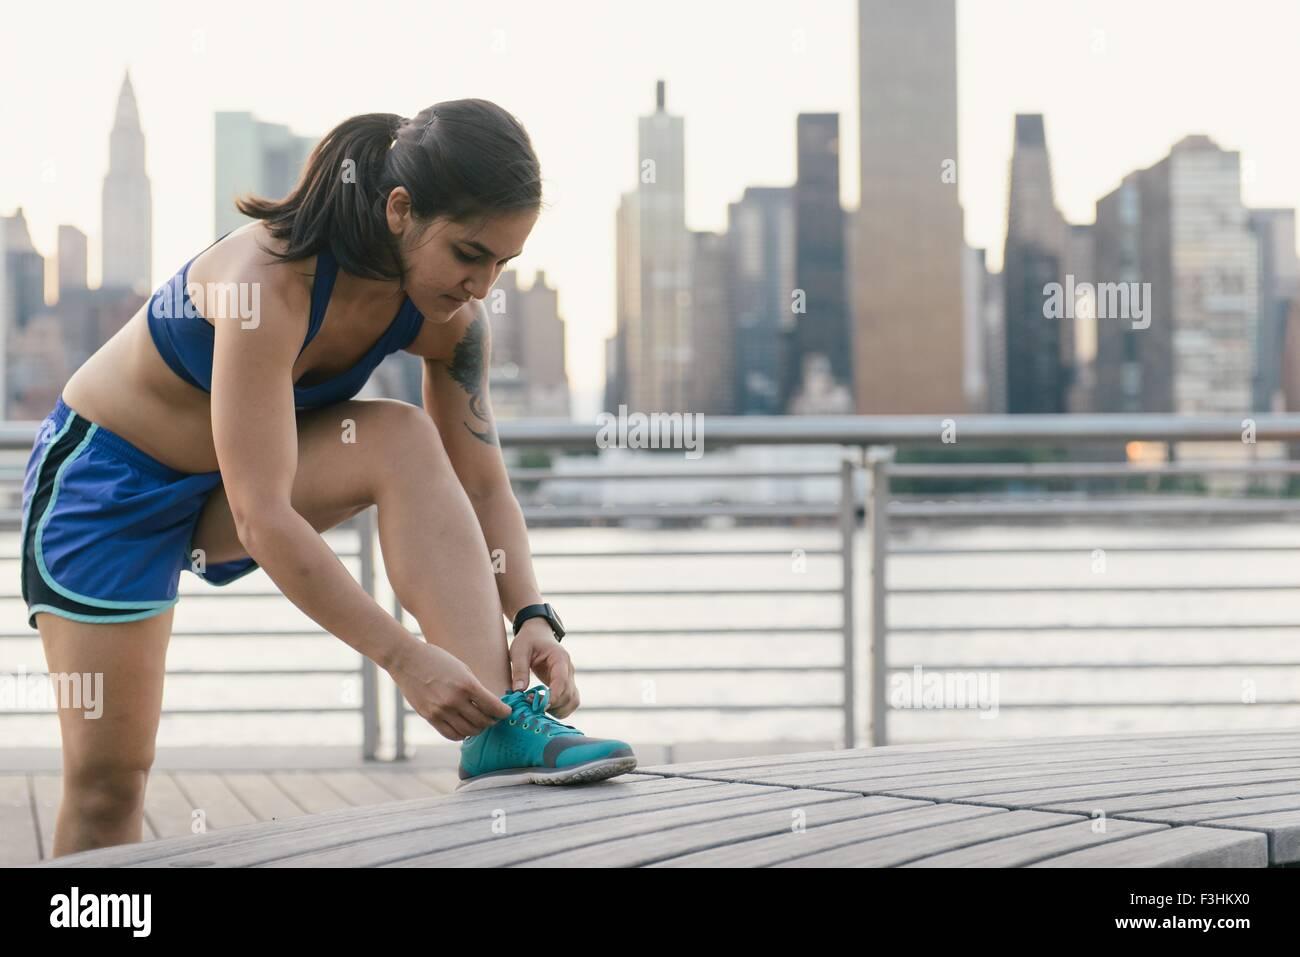 Junge Frau in Laufbekleidung neben Fluss ihre Schnürsenkel zu binden Stockfoto